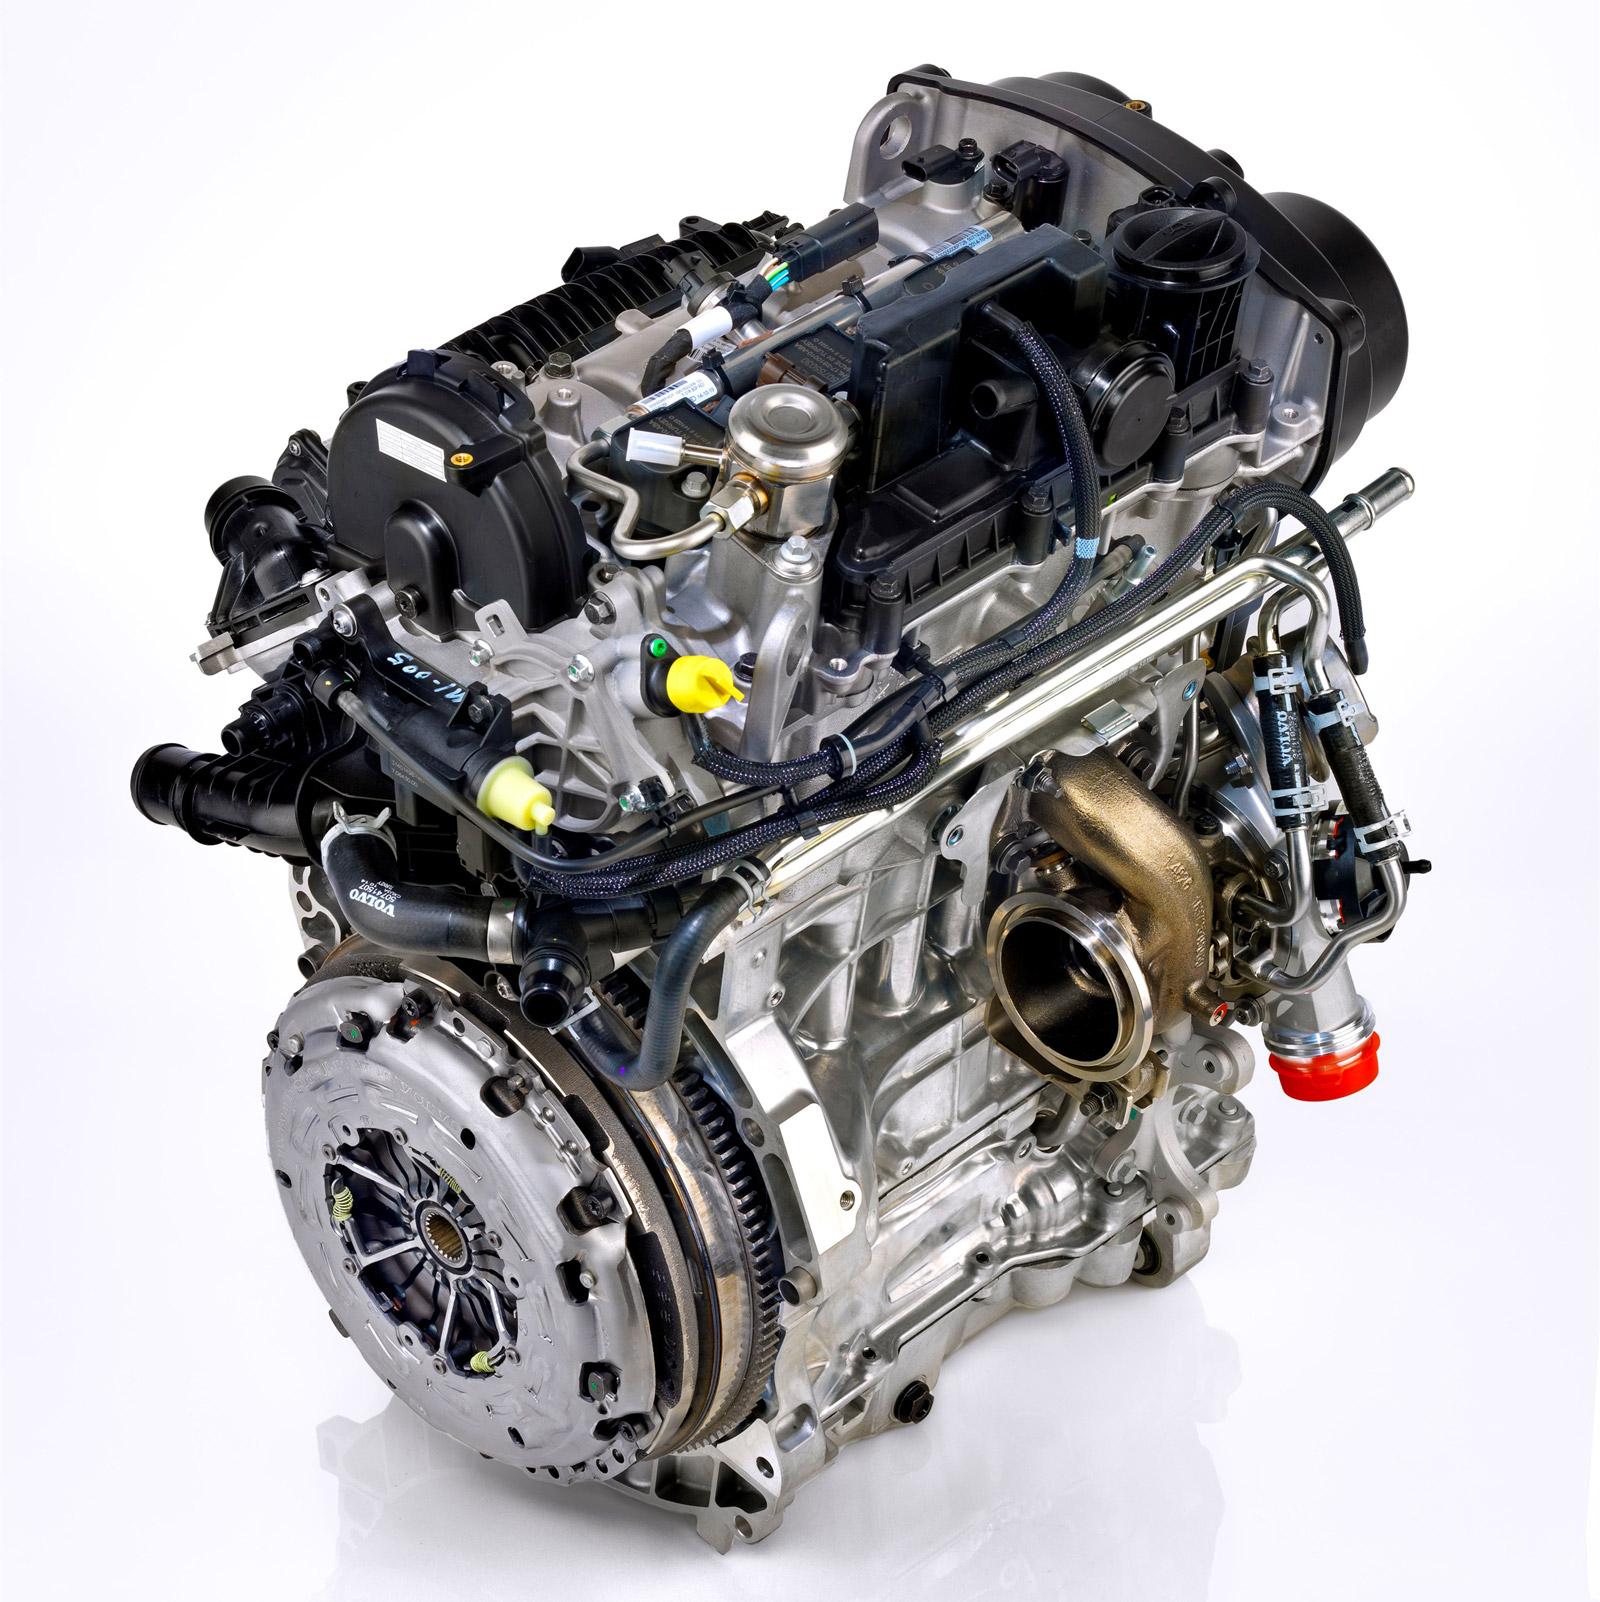 sprawdzenie stanu technicznego silnika przed zakupem